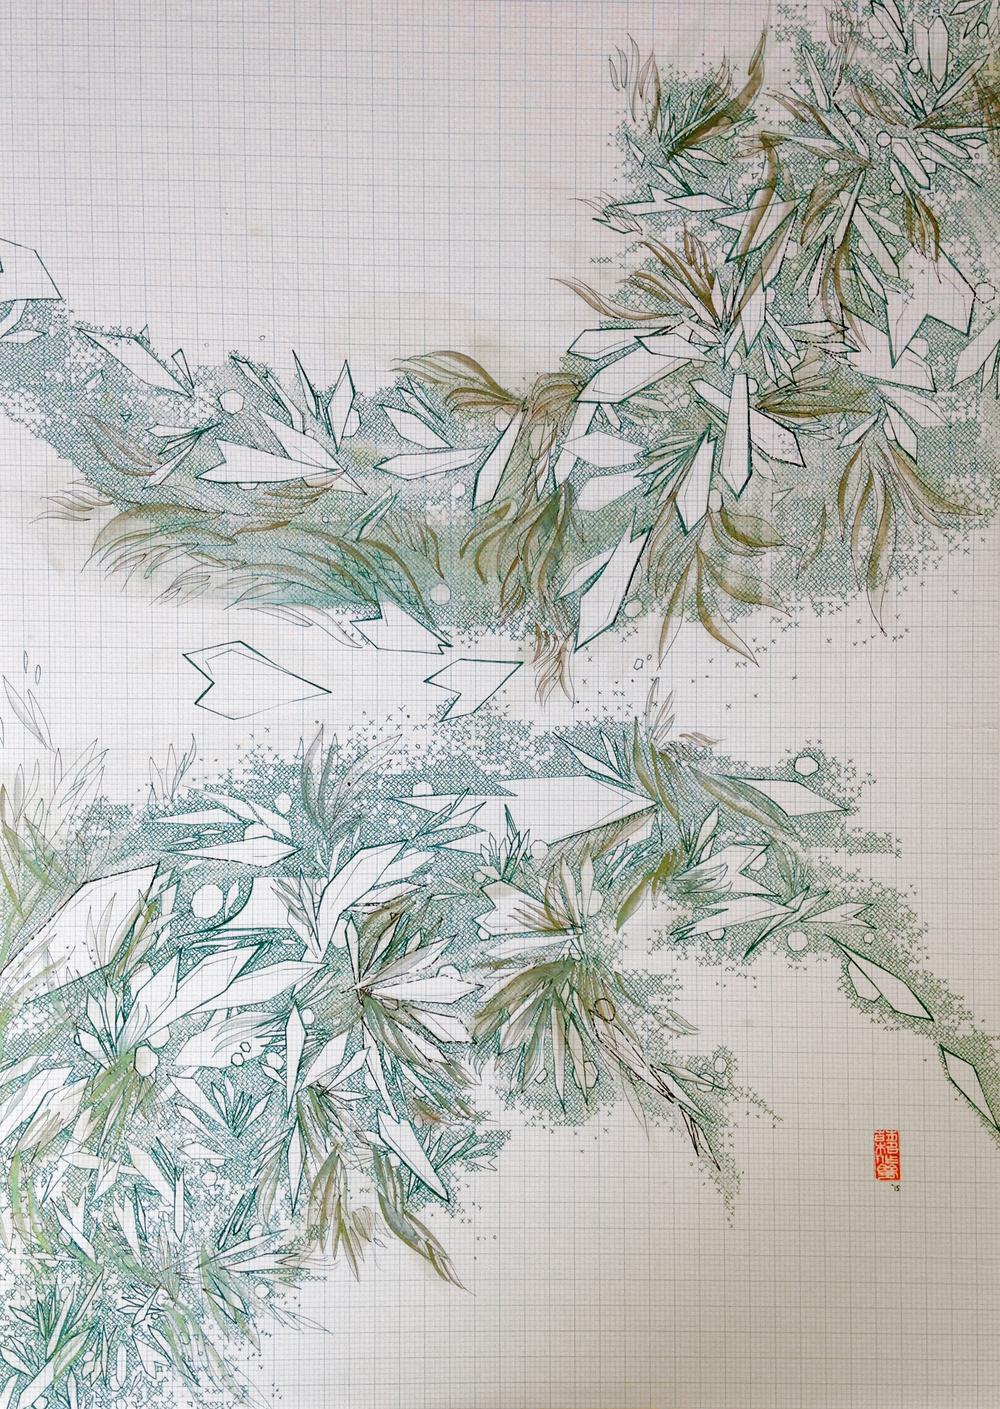 'オリーブ'Green pigment liner, olive tea ink, metallic watercolour,hanko signature stamp, 400 x 560mm